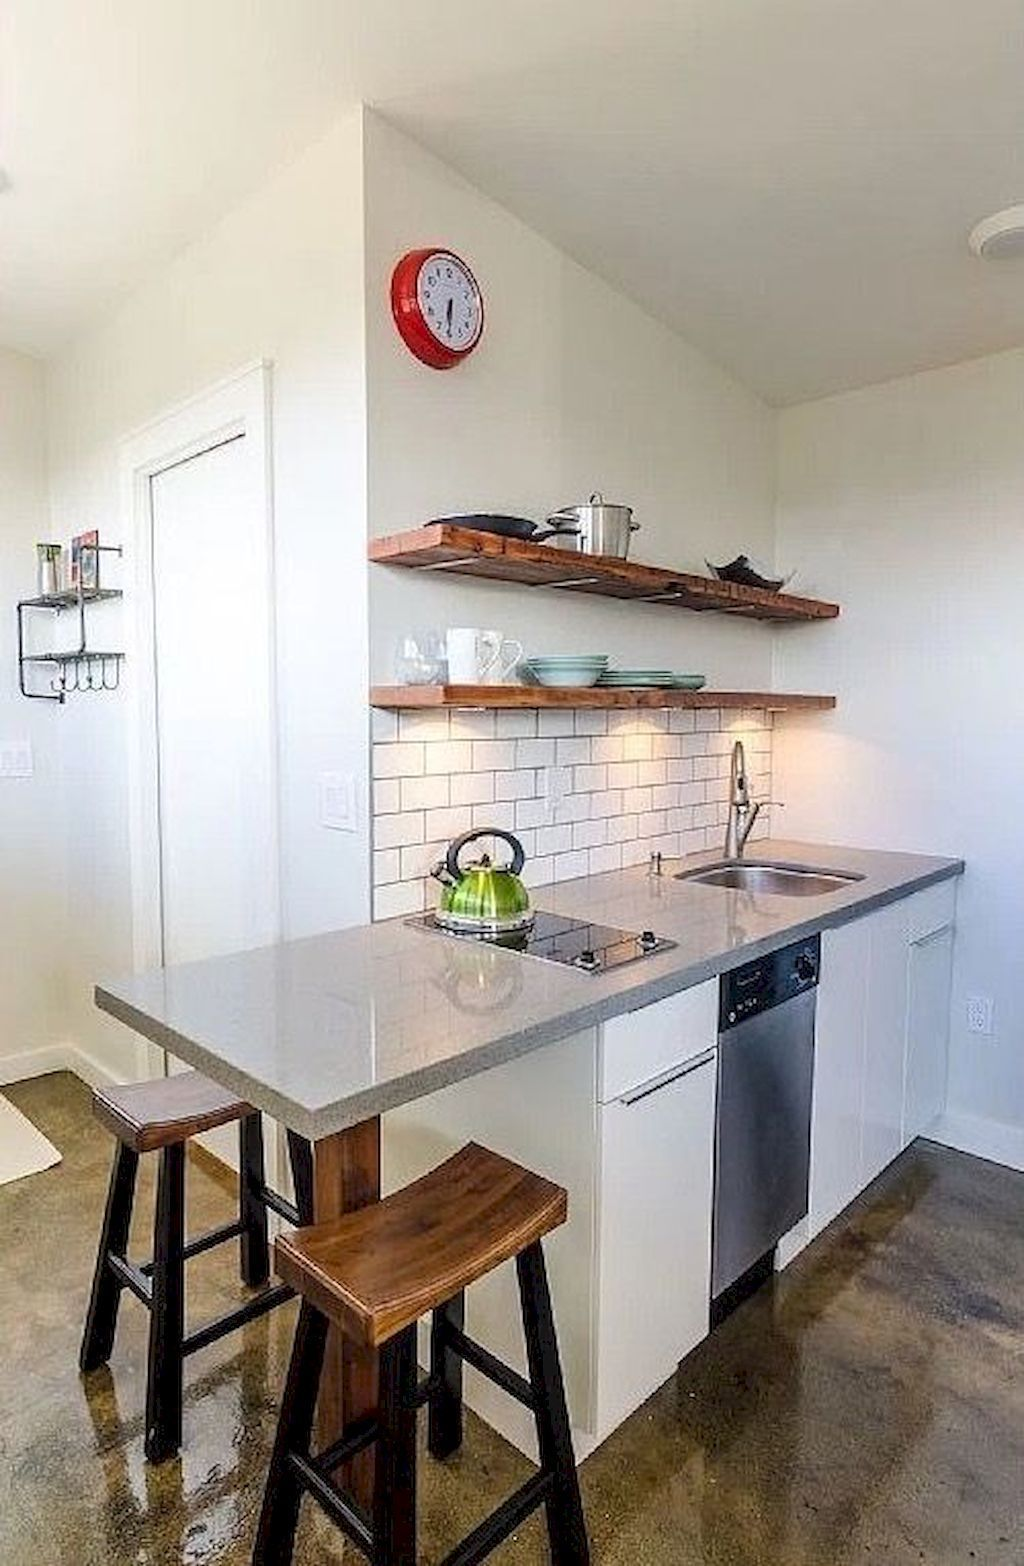 52 amazing tiny house kitchen design ideas #tinyhousekitchens